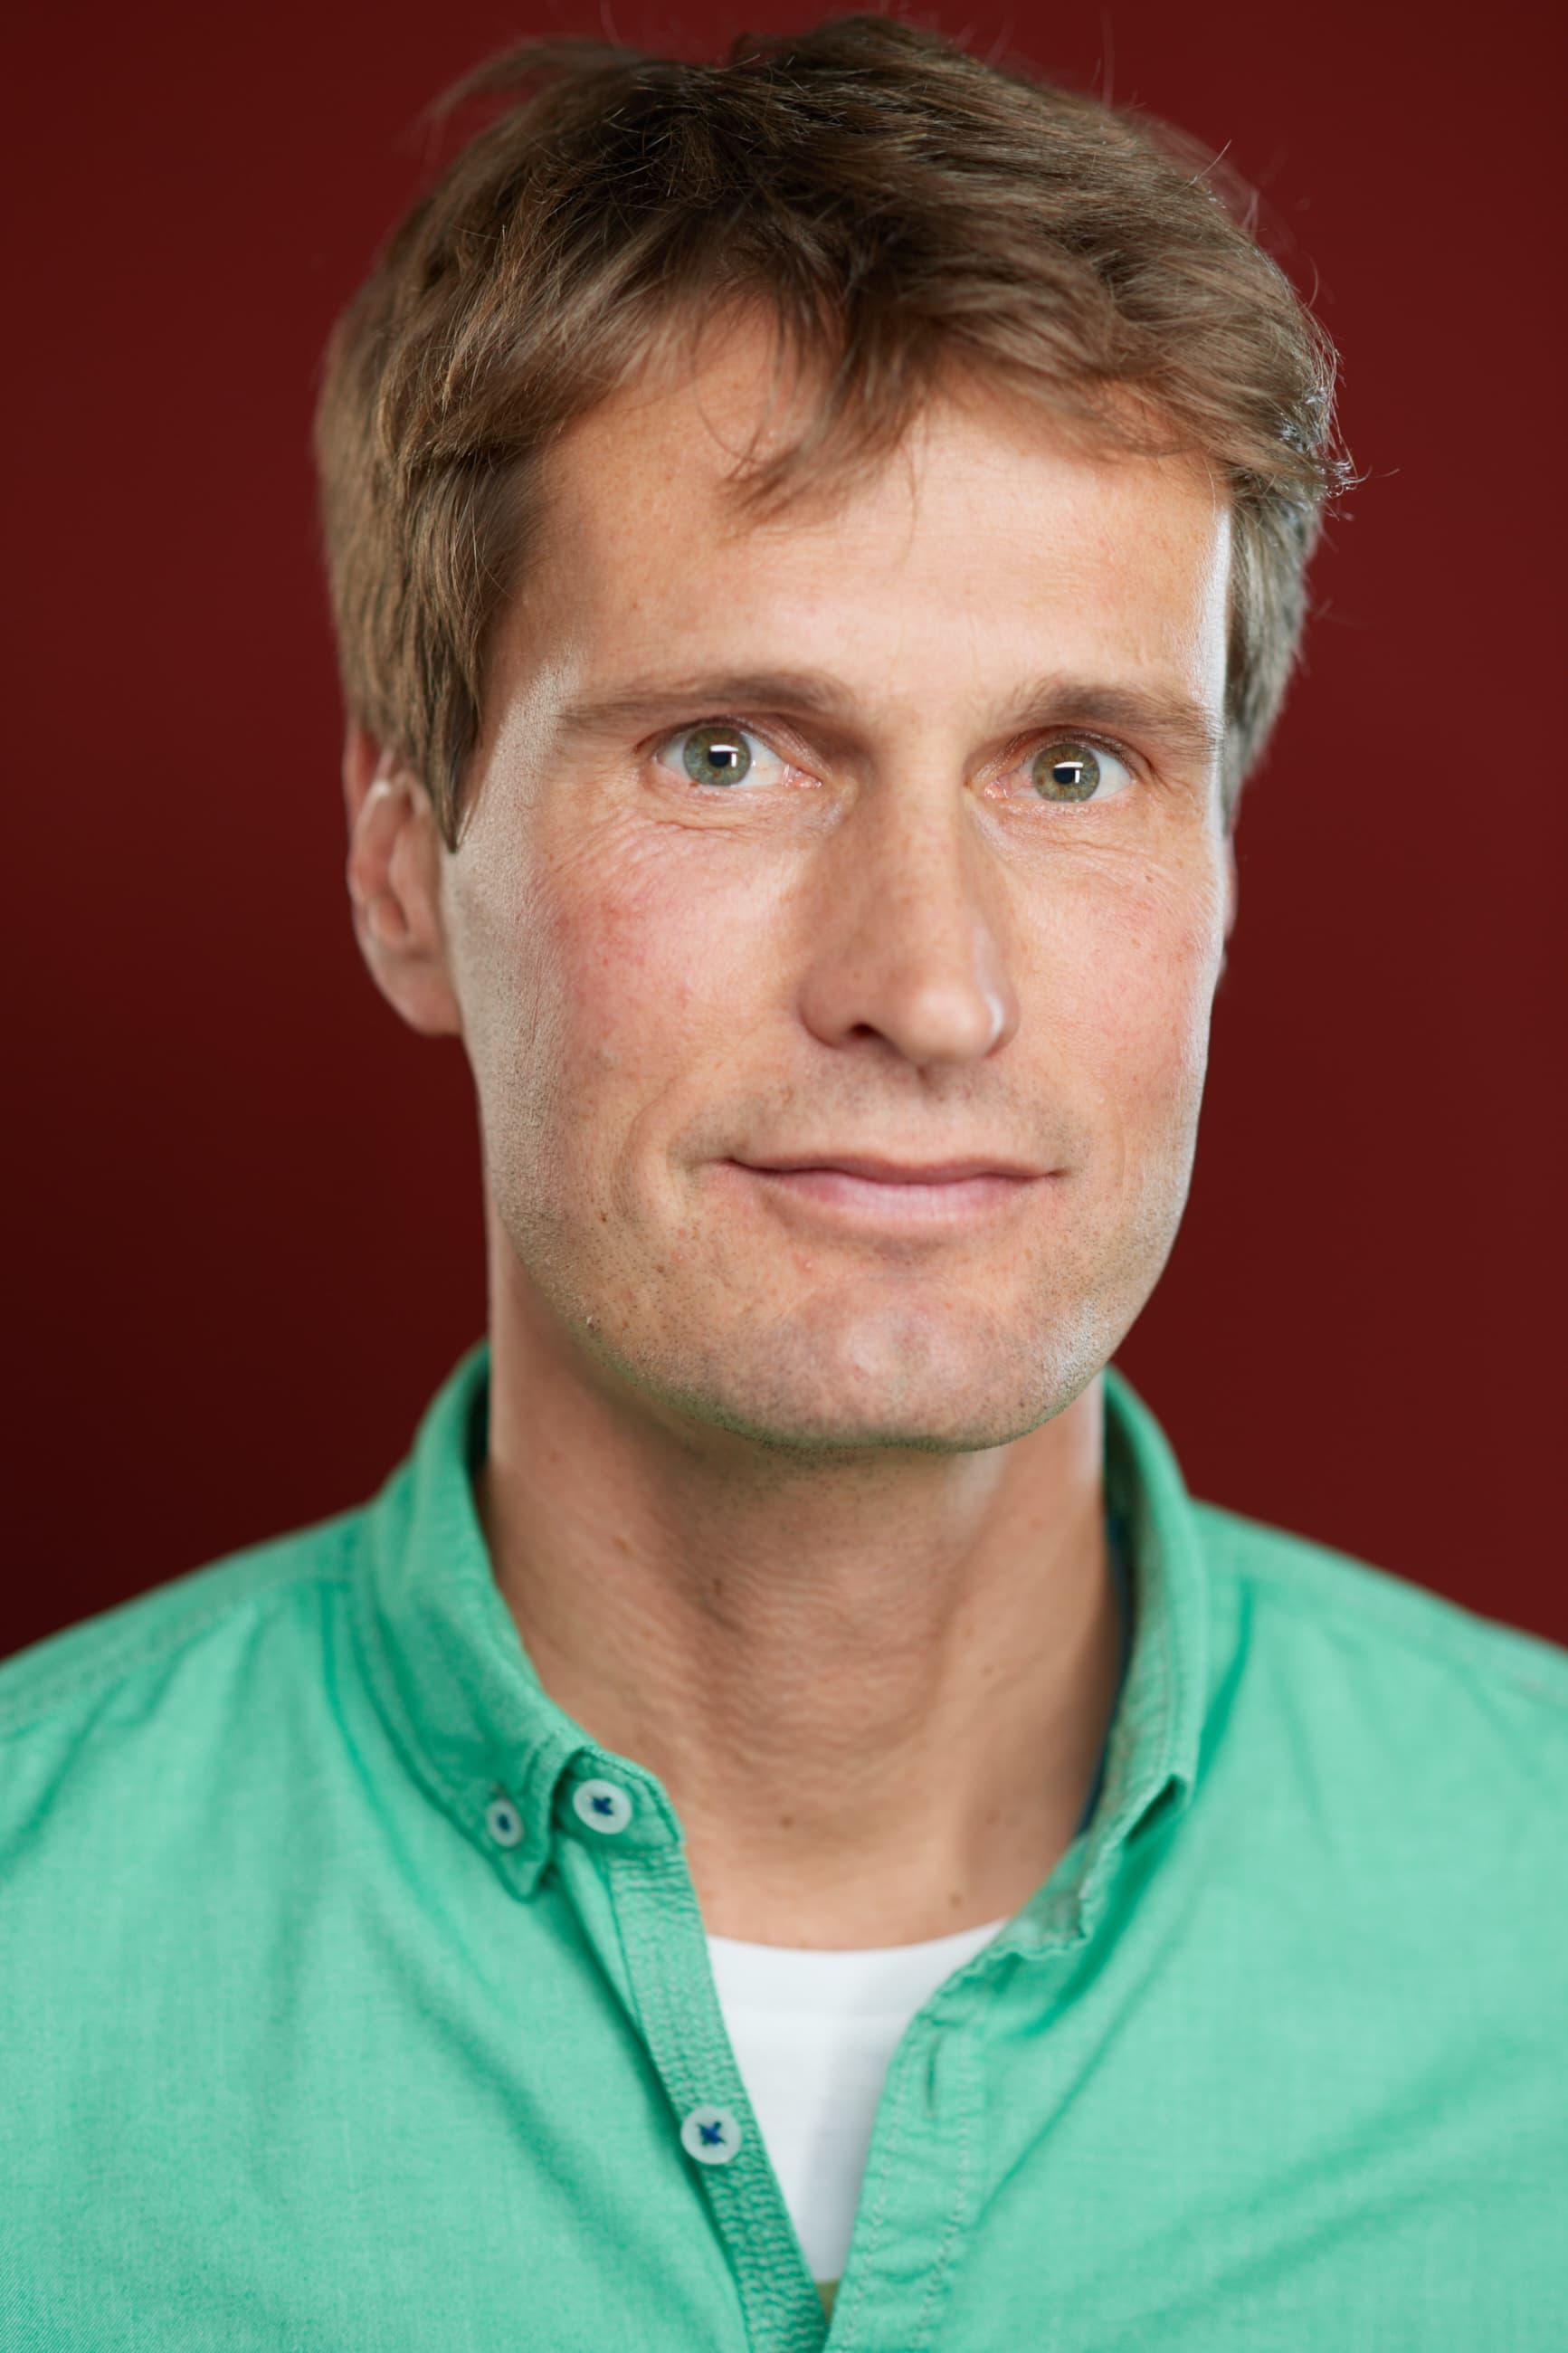 Potrait eines jungen Mannes mit grünem Hemd